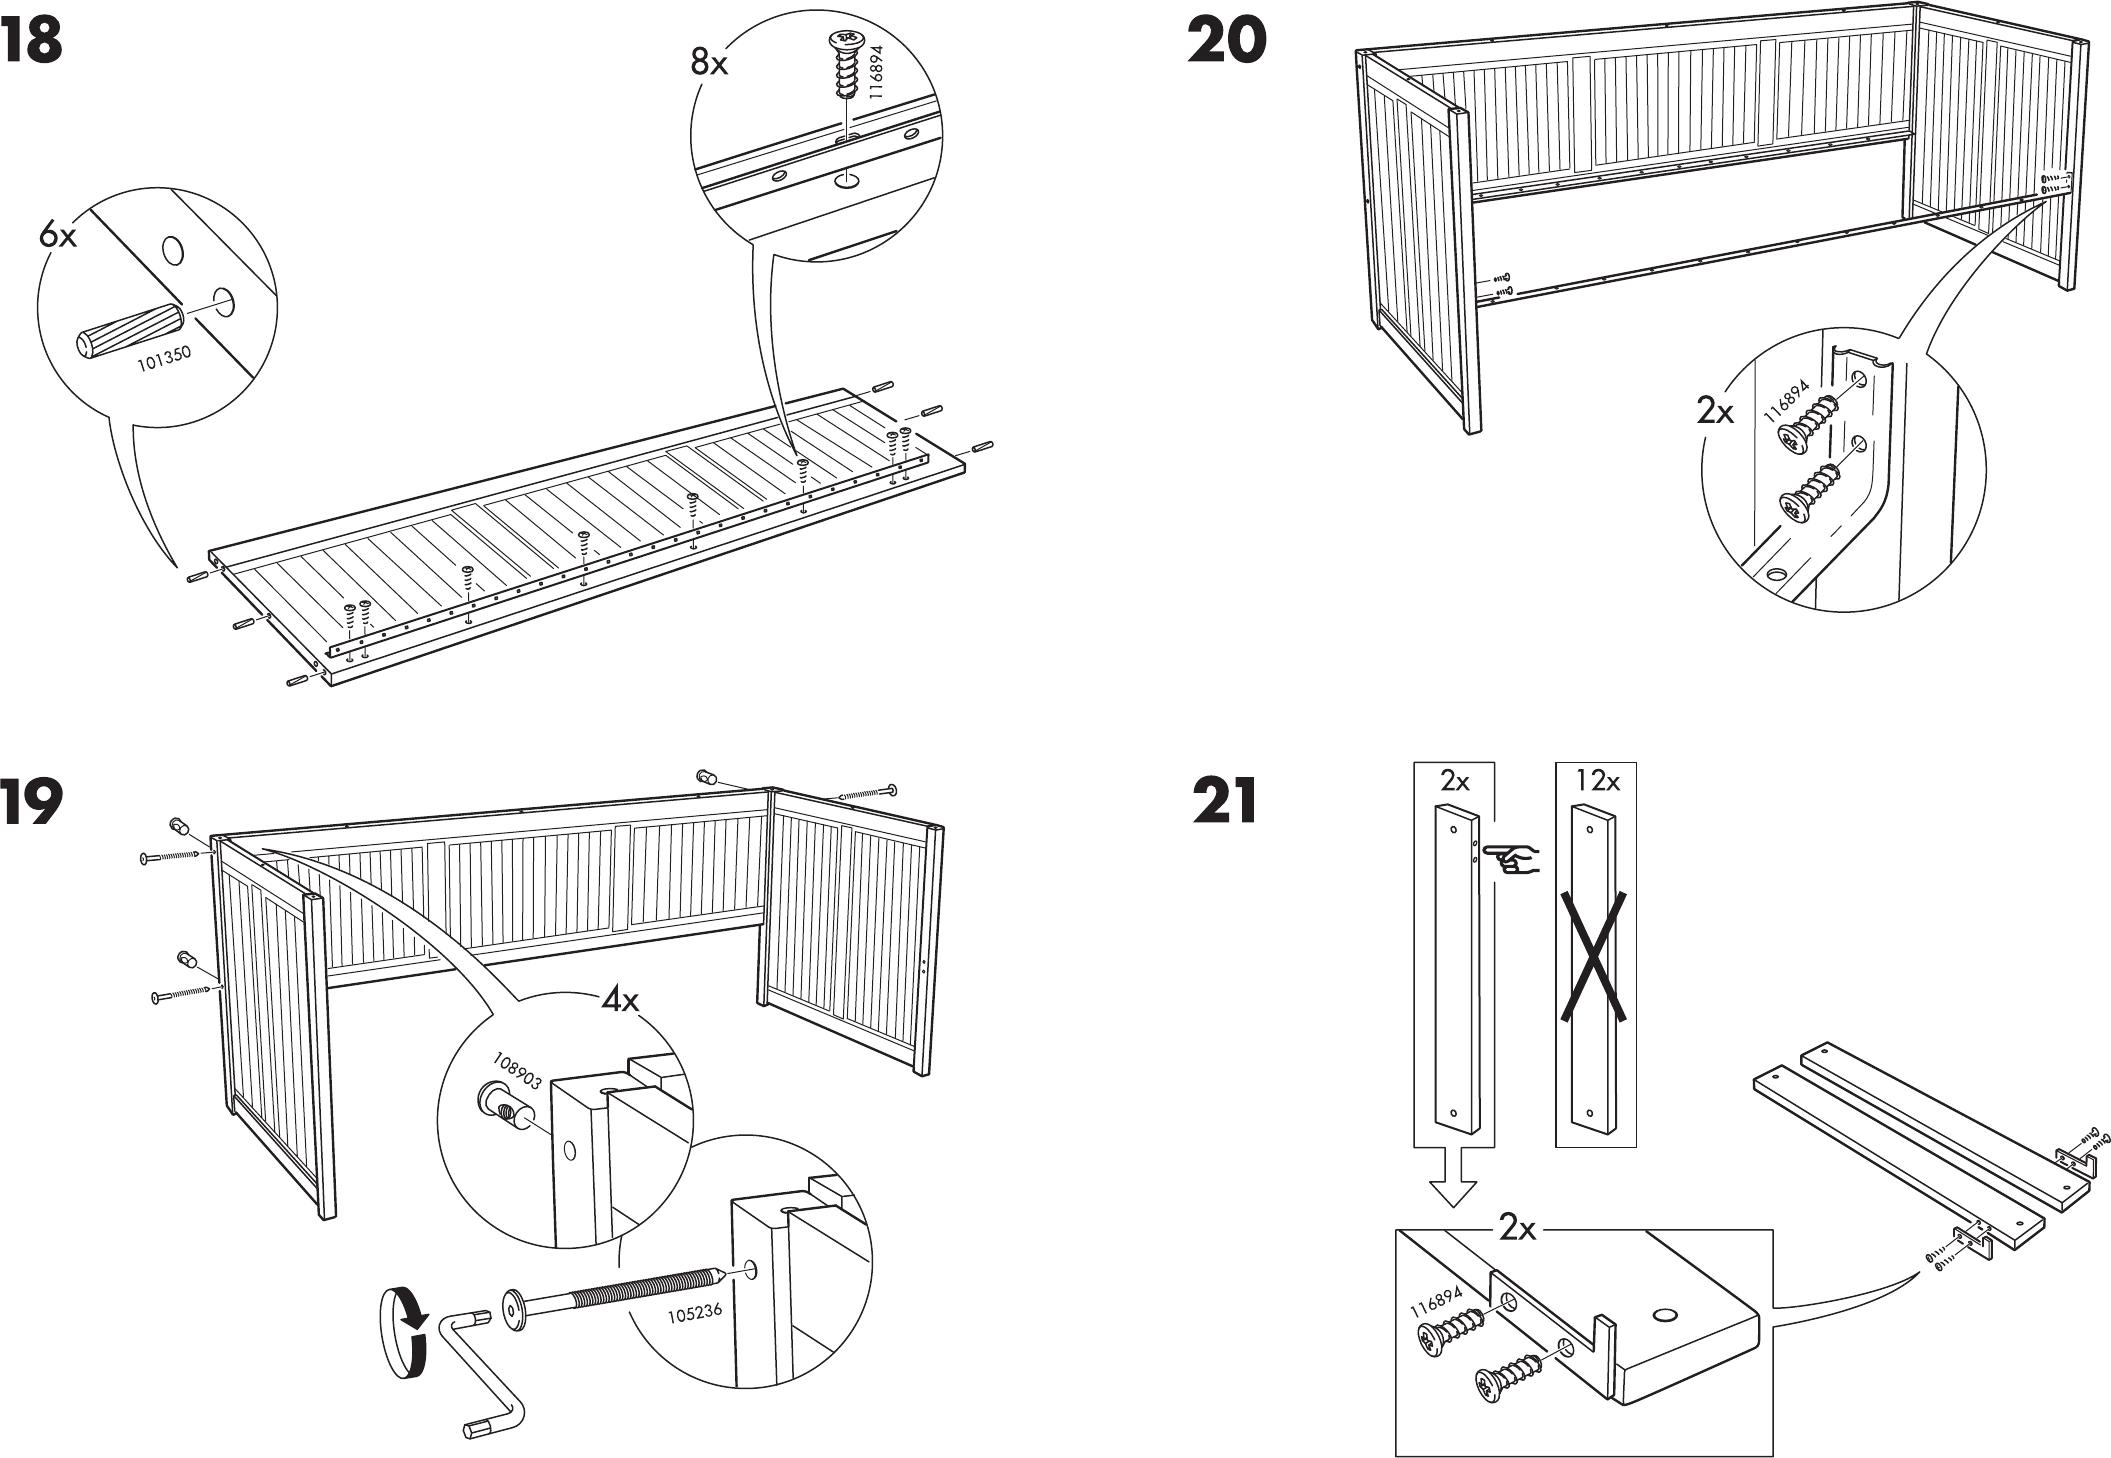 Hemnes Bedbank Met 3 Lades.Handleiding Ikea Hemnes Bedbank Pagina 10 Van 12 Dansk Deutsch